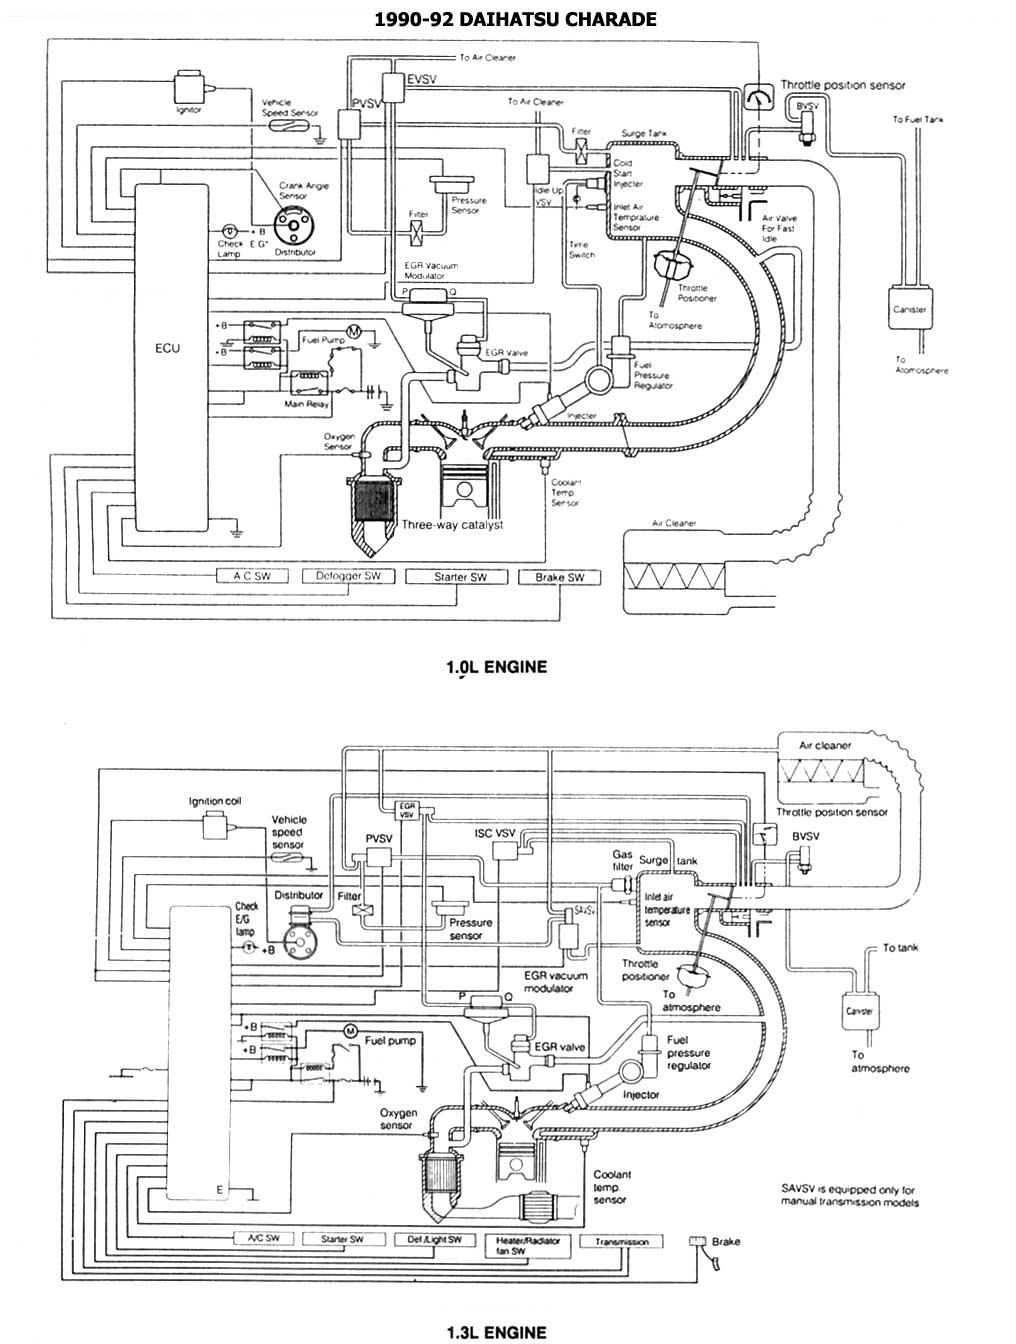 Diagramas Esquemas DAIHATSU